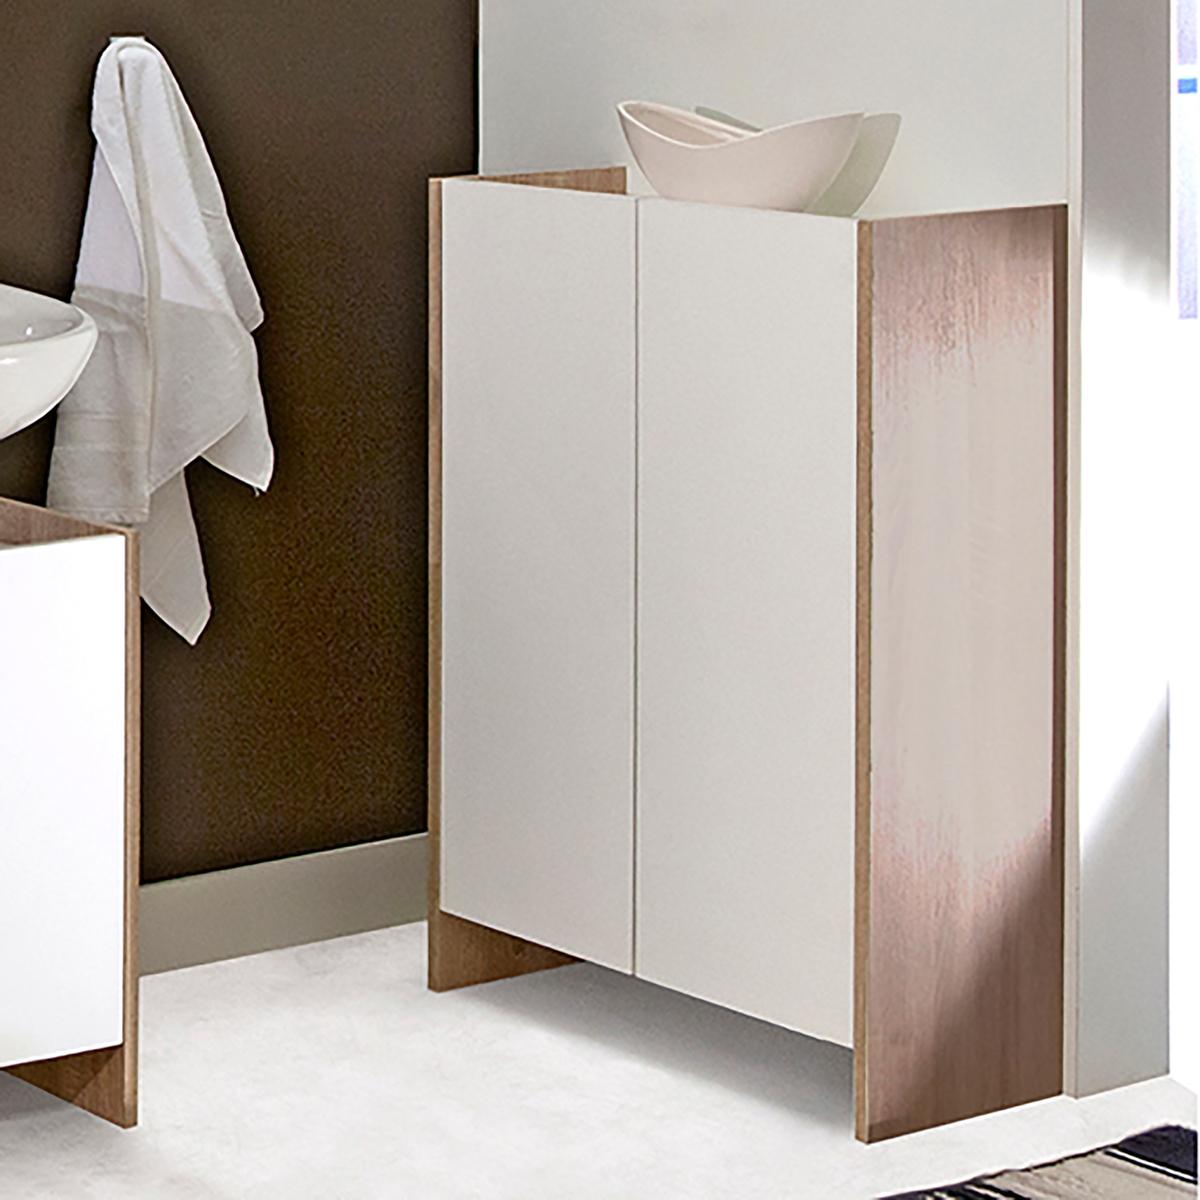 Тумба для ванной комнаты, 2 дверцы, BaneroТумба для ванной комнаты с 2 дверцами Banero включает регулируемую по высоте полку. Больше возможностей для хранения.Описание тумбы для ванной комнаты с 2 дверцами Banero :-   2 дверцы, 1 внутренняя полка, съёмная и регулируемая по высоте (Д56,8 x Г28 см).- Невидимые шарниры (с автоматическим доводчиком).- Защита. Характеристики тумбы для ванной комнаты с 2 дверцами, Banero :- Из ДСП с меламиновым покрытием, толщина 16 мм, цвет светлого дуба, дверцы - белые.Размеры тумбы для ванной комнаты с 2 дверцами, Banero :Общие : Д60 x Г28 x В89,5 см.Размеры и вес упаковки :1 упаковкаД96,3 x Г33,8 x В13 см19,4 кгВсю коллекцию мебели для ванной комнаты Banero ищите на сайте laredoute.ru.Доставка :Тумба для ванной комнаты с 2 дверцами Banero продаётся в разобранном виде.  Доставка на дом, возможен подъём на этаж!Внимание   ! Убедитесь, что товар возможно доставить на дом, учитывая его габариты (проходит в двери, по лестницам, в лифты).<br><br>Цвет: дуб